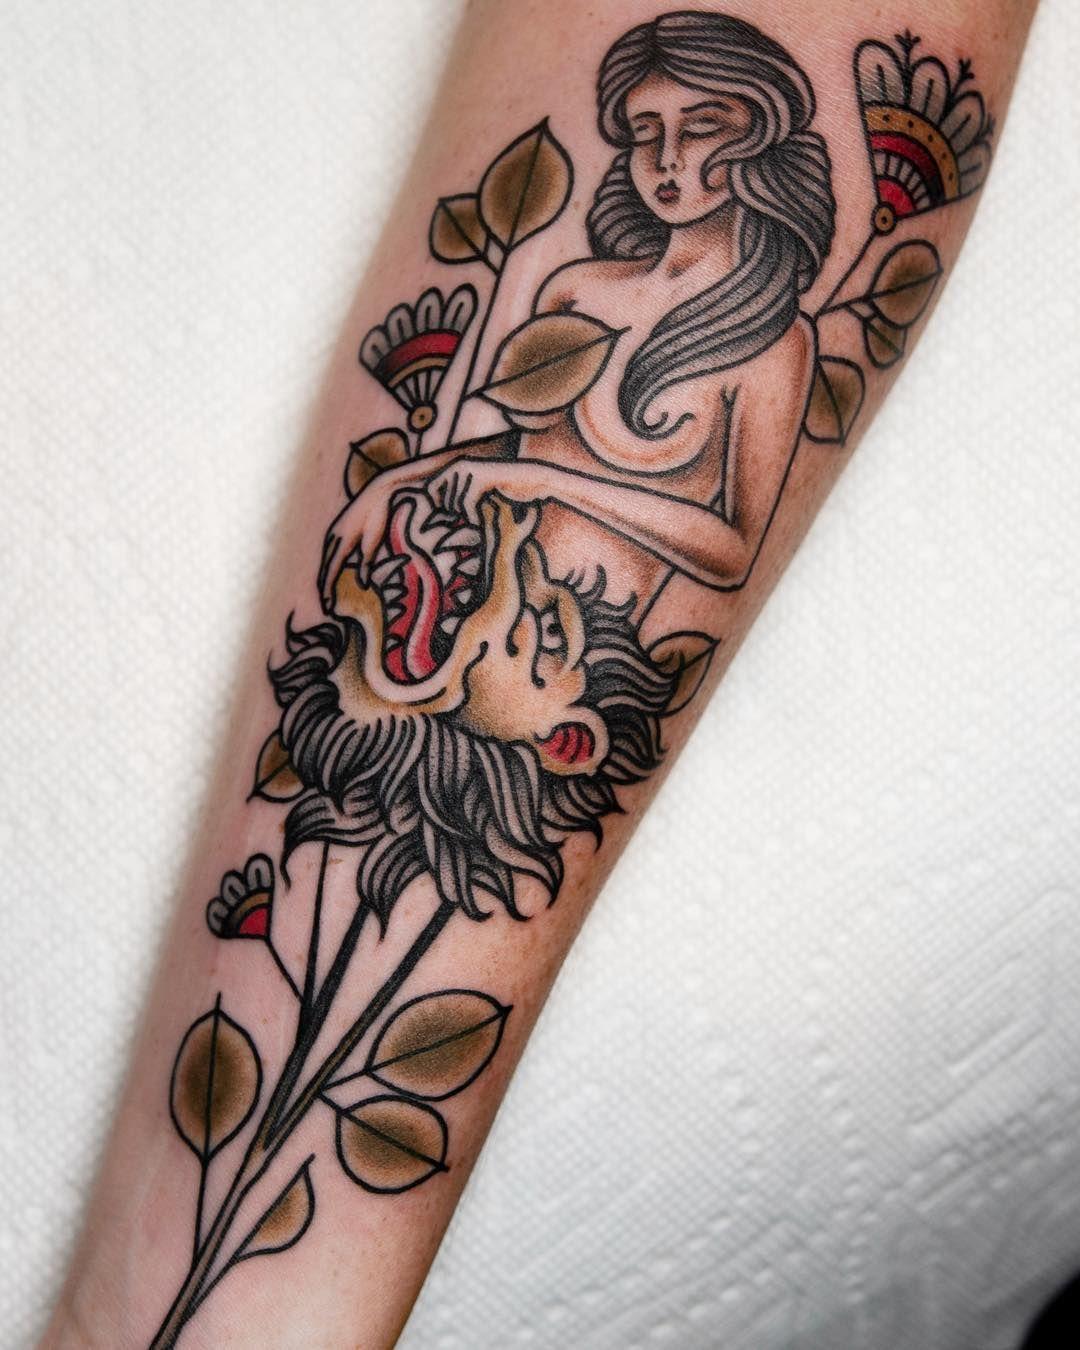 Lion strength tarot card tattoo tattoo ideas and